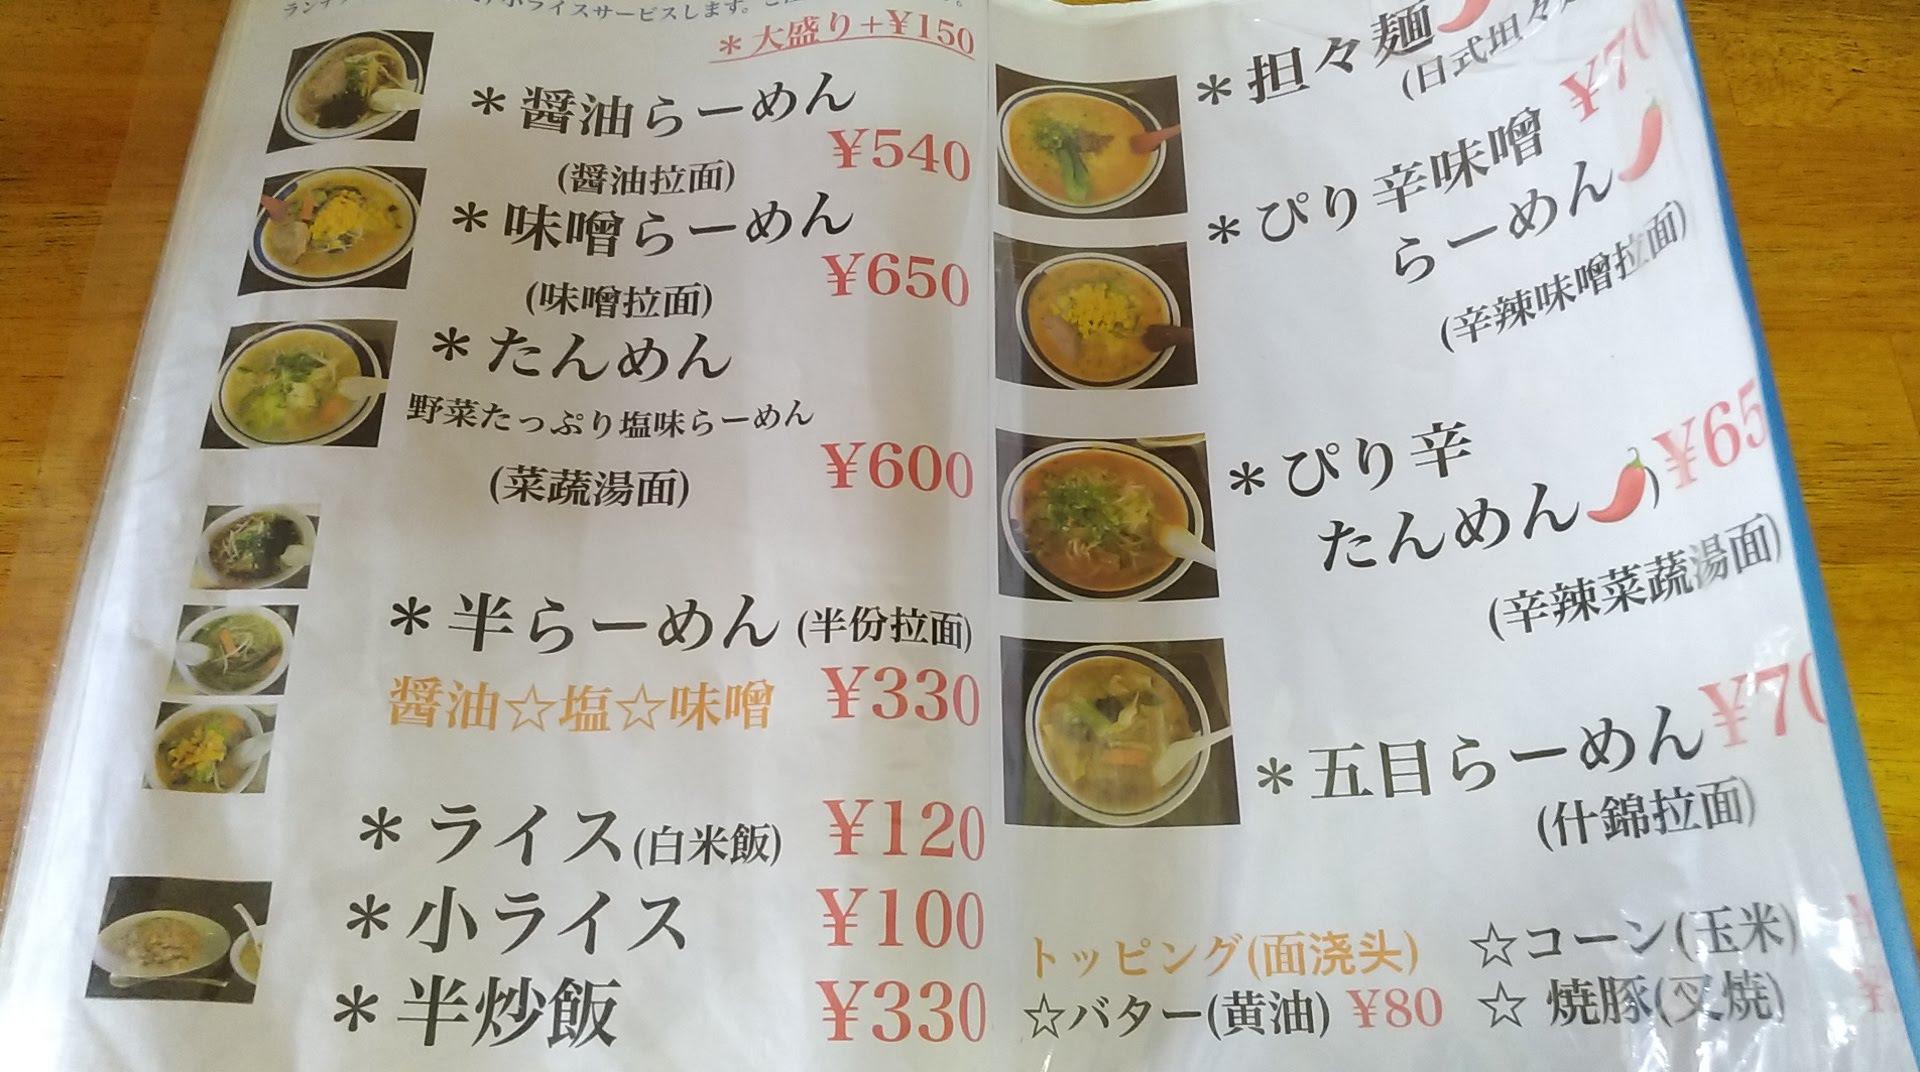 麺作のメニュー 5